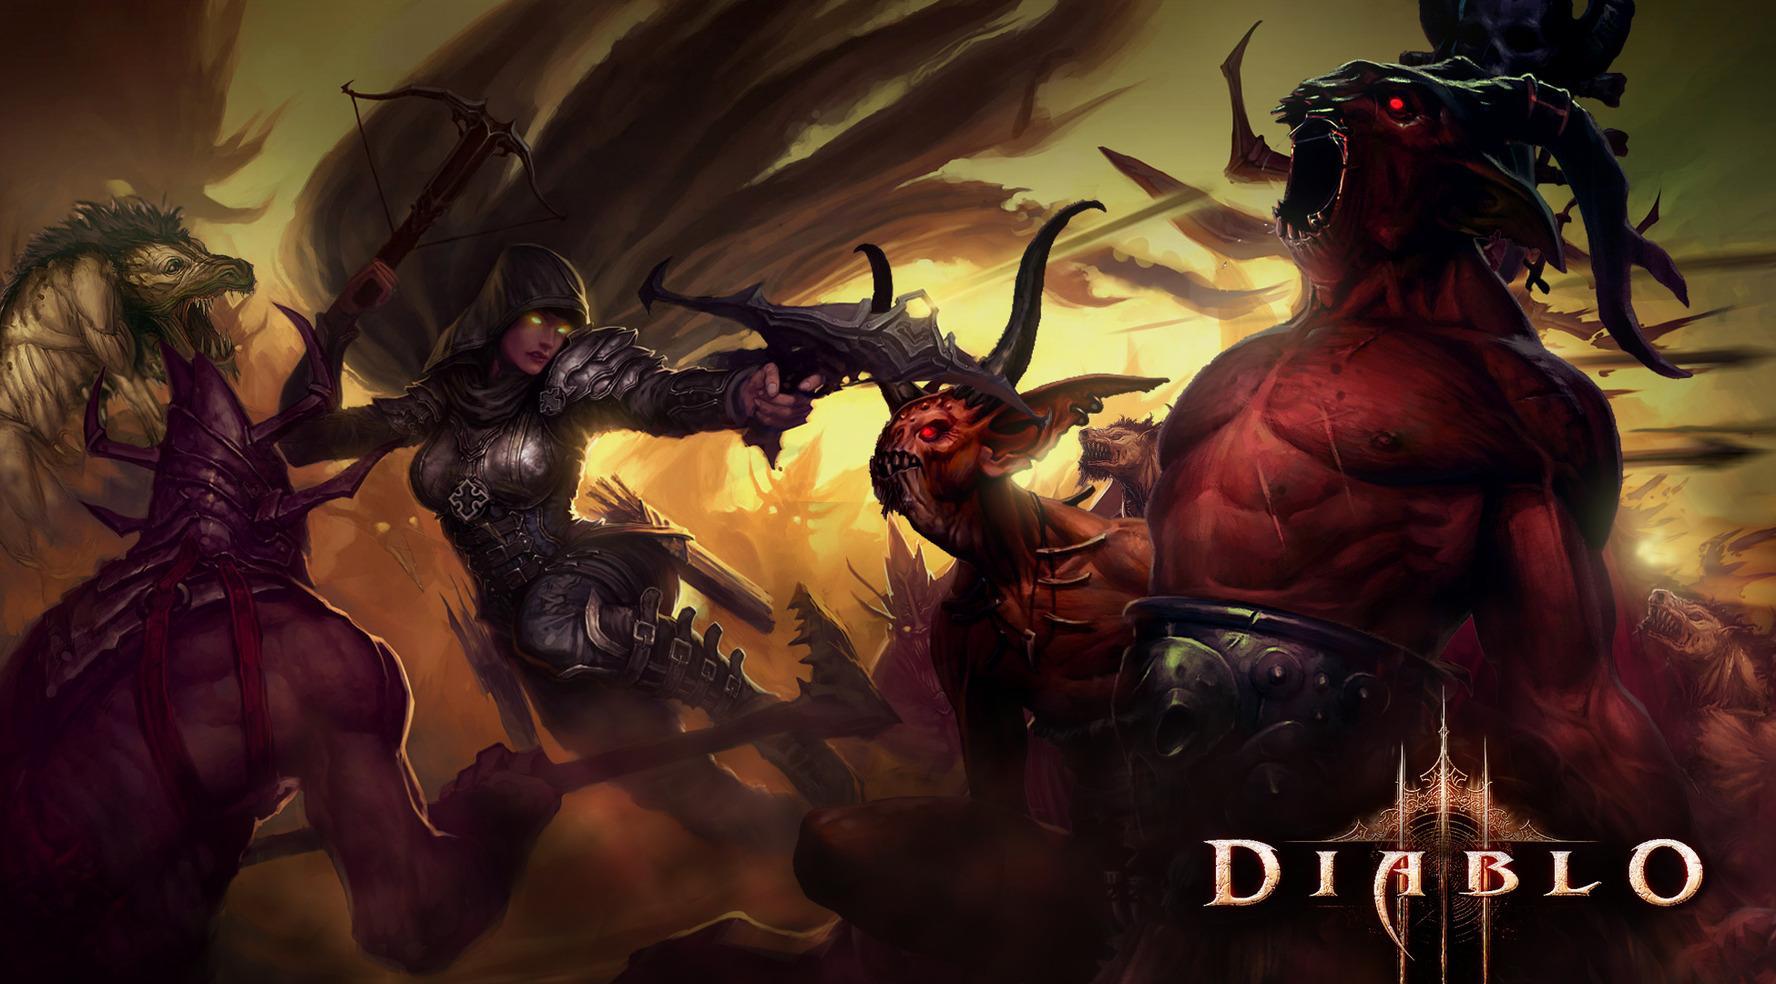 Según Blizzard, diablo 3 tendrá una expansión [ERROR 37 NEWS]